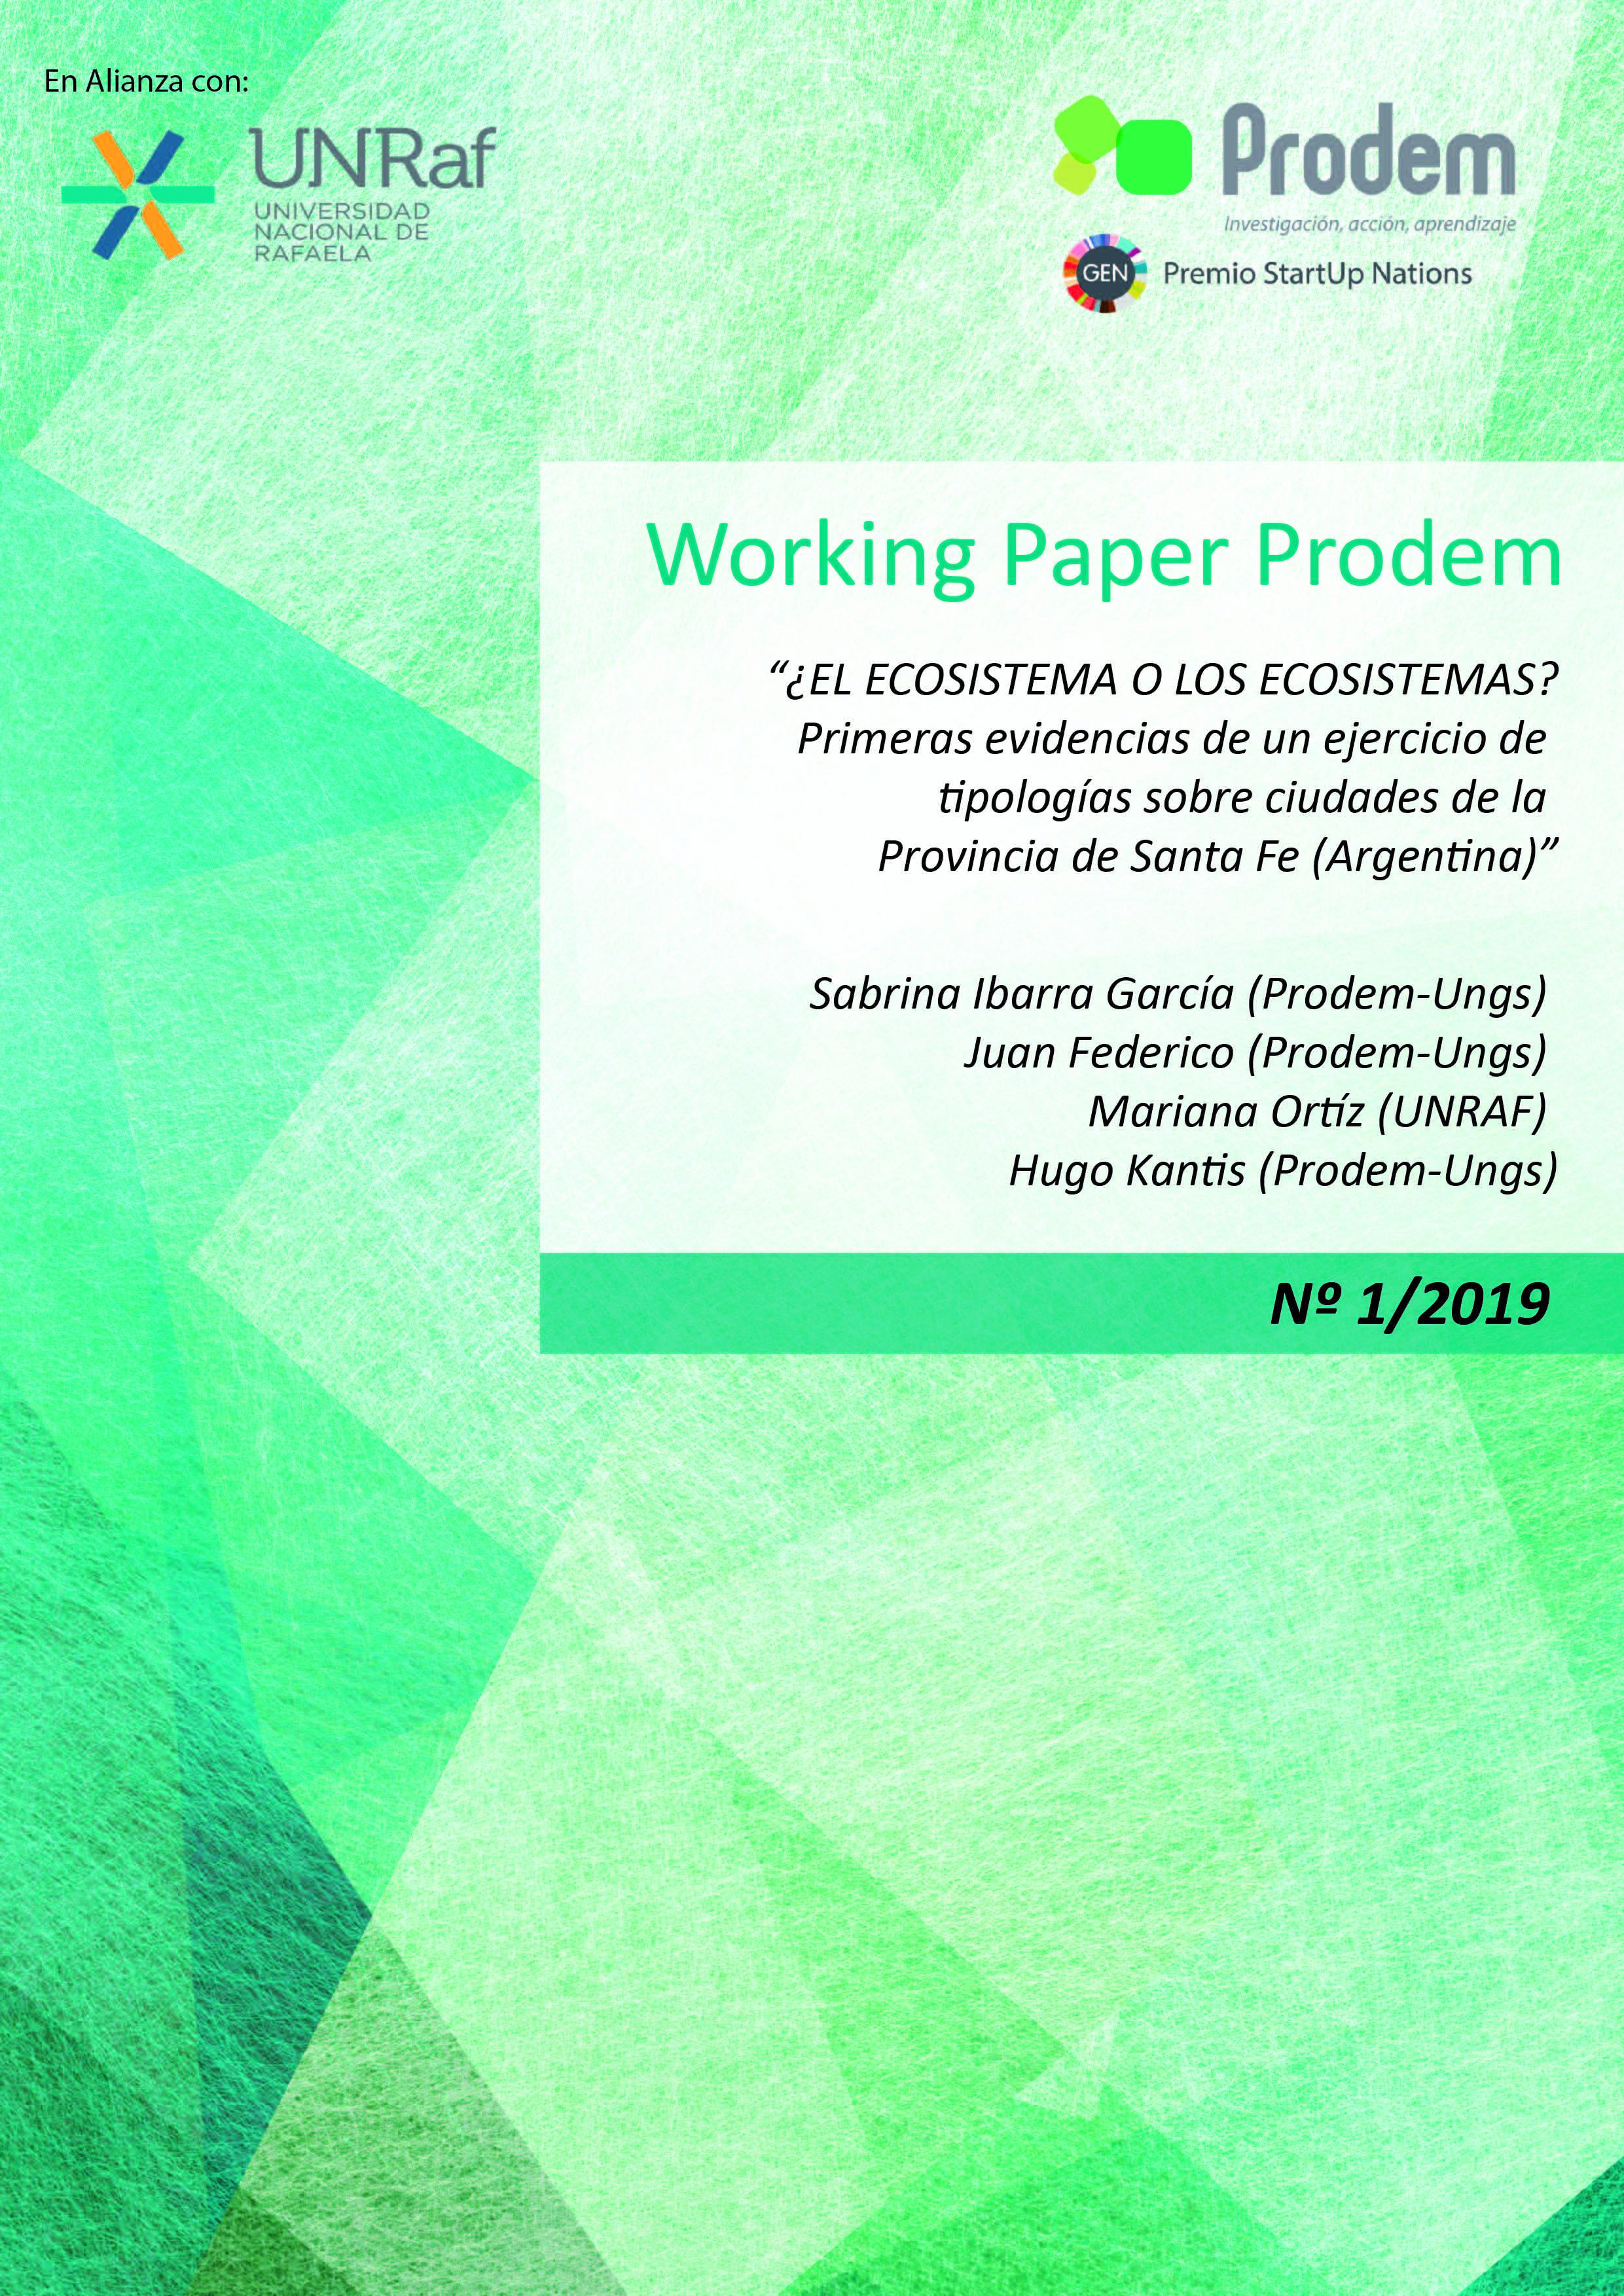 Working Paper Tapa alianza UNRAF_tapa_1_2019-01